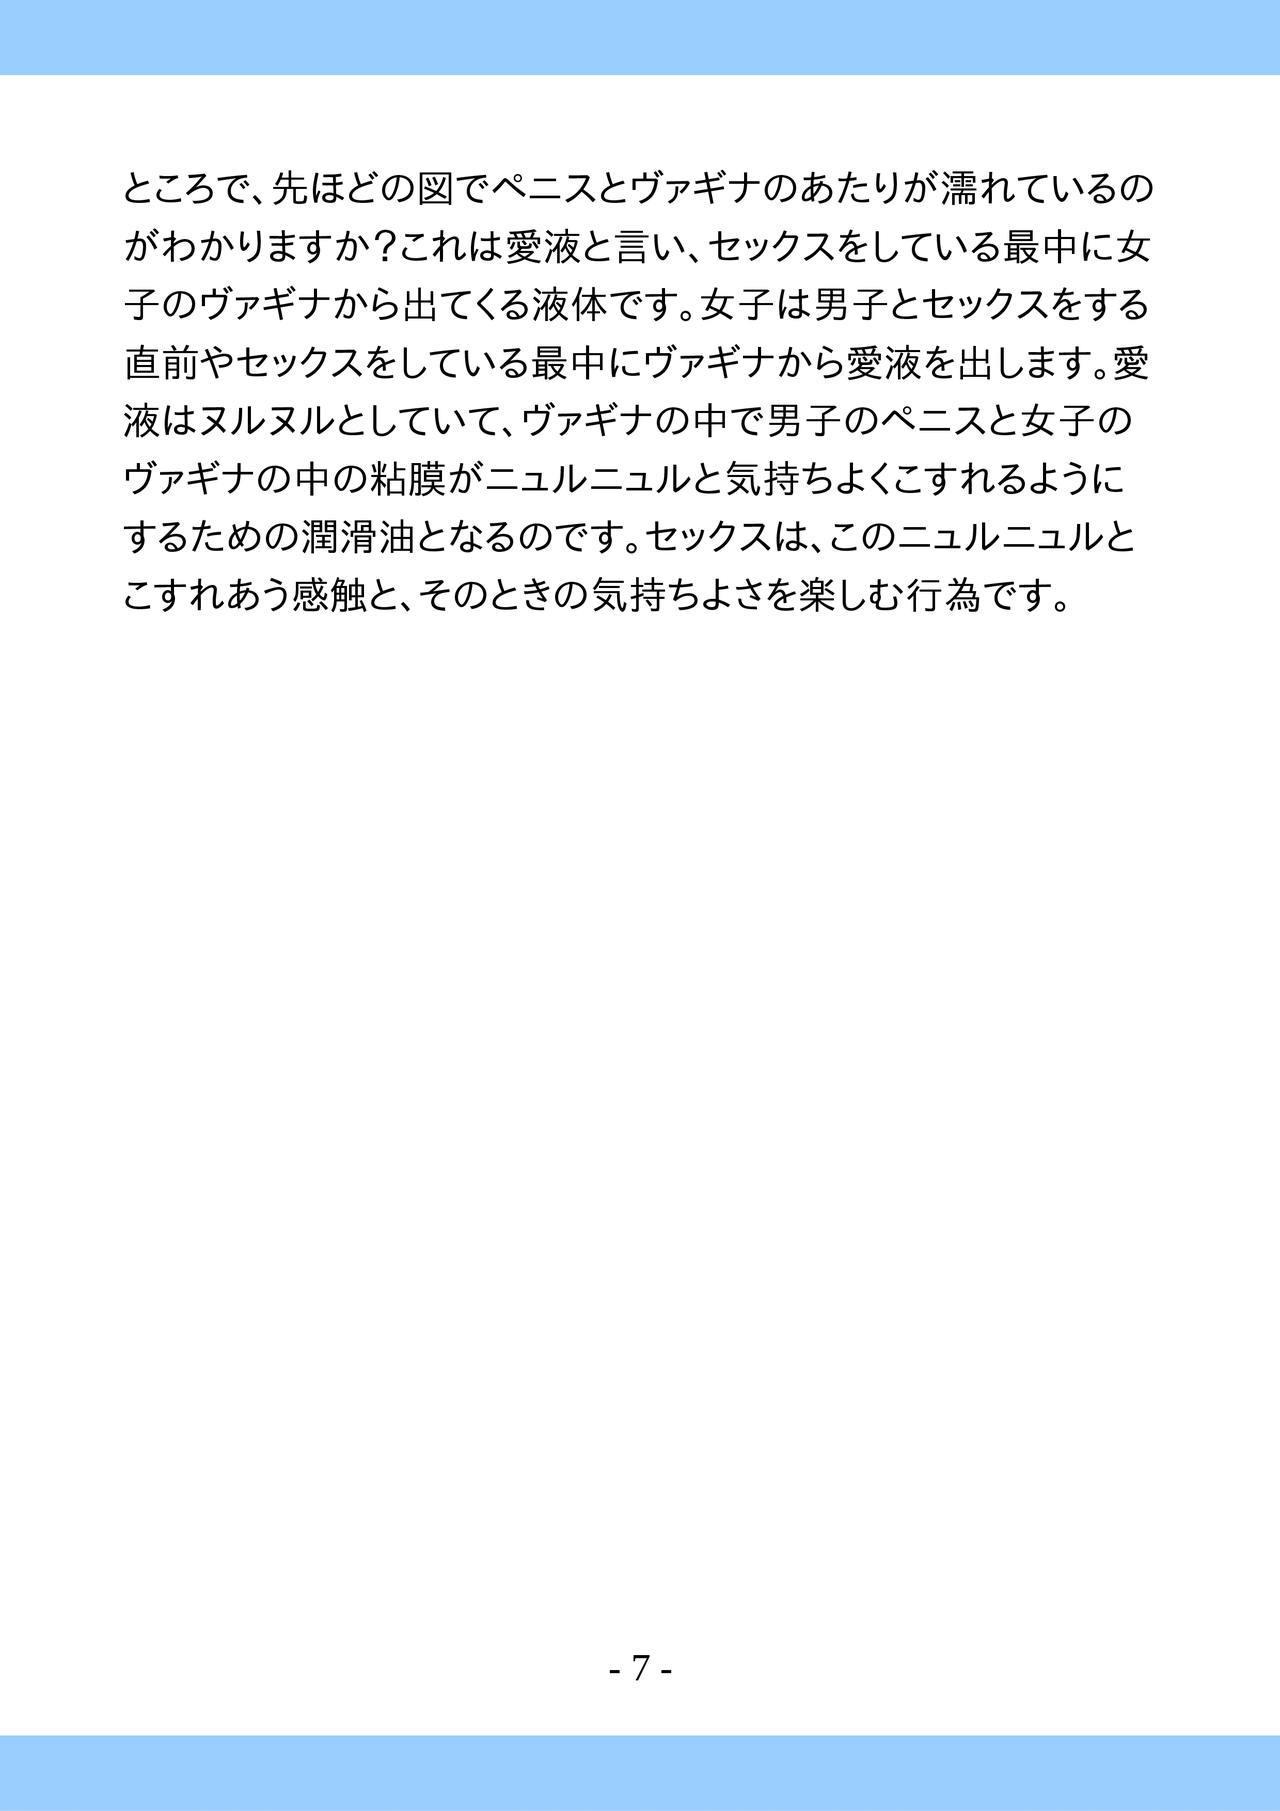 Shishunki no Tame no Tottemo Kimochii Sex no Ohanashi 6